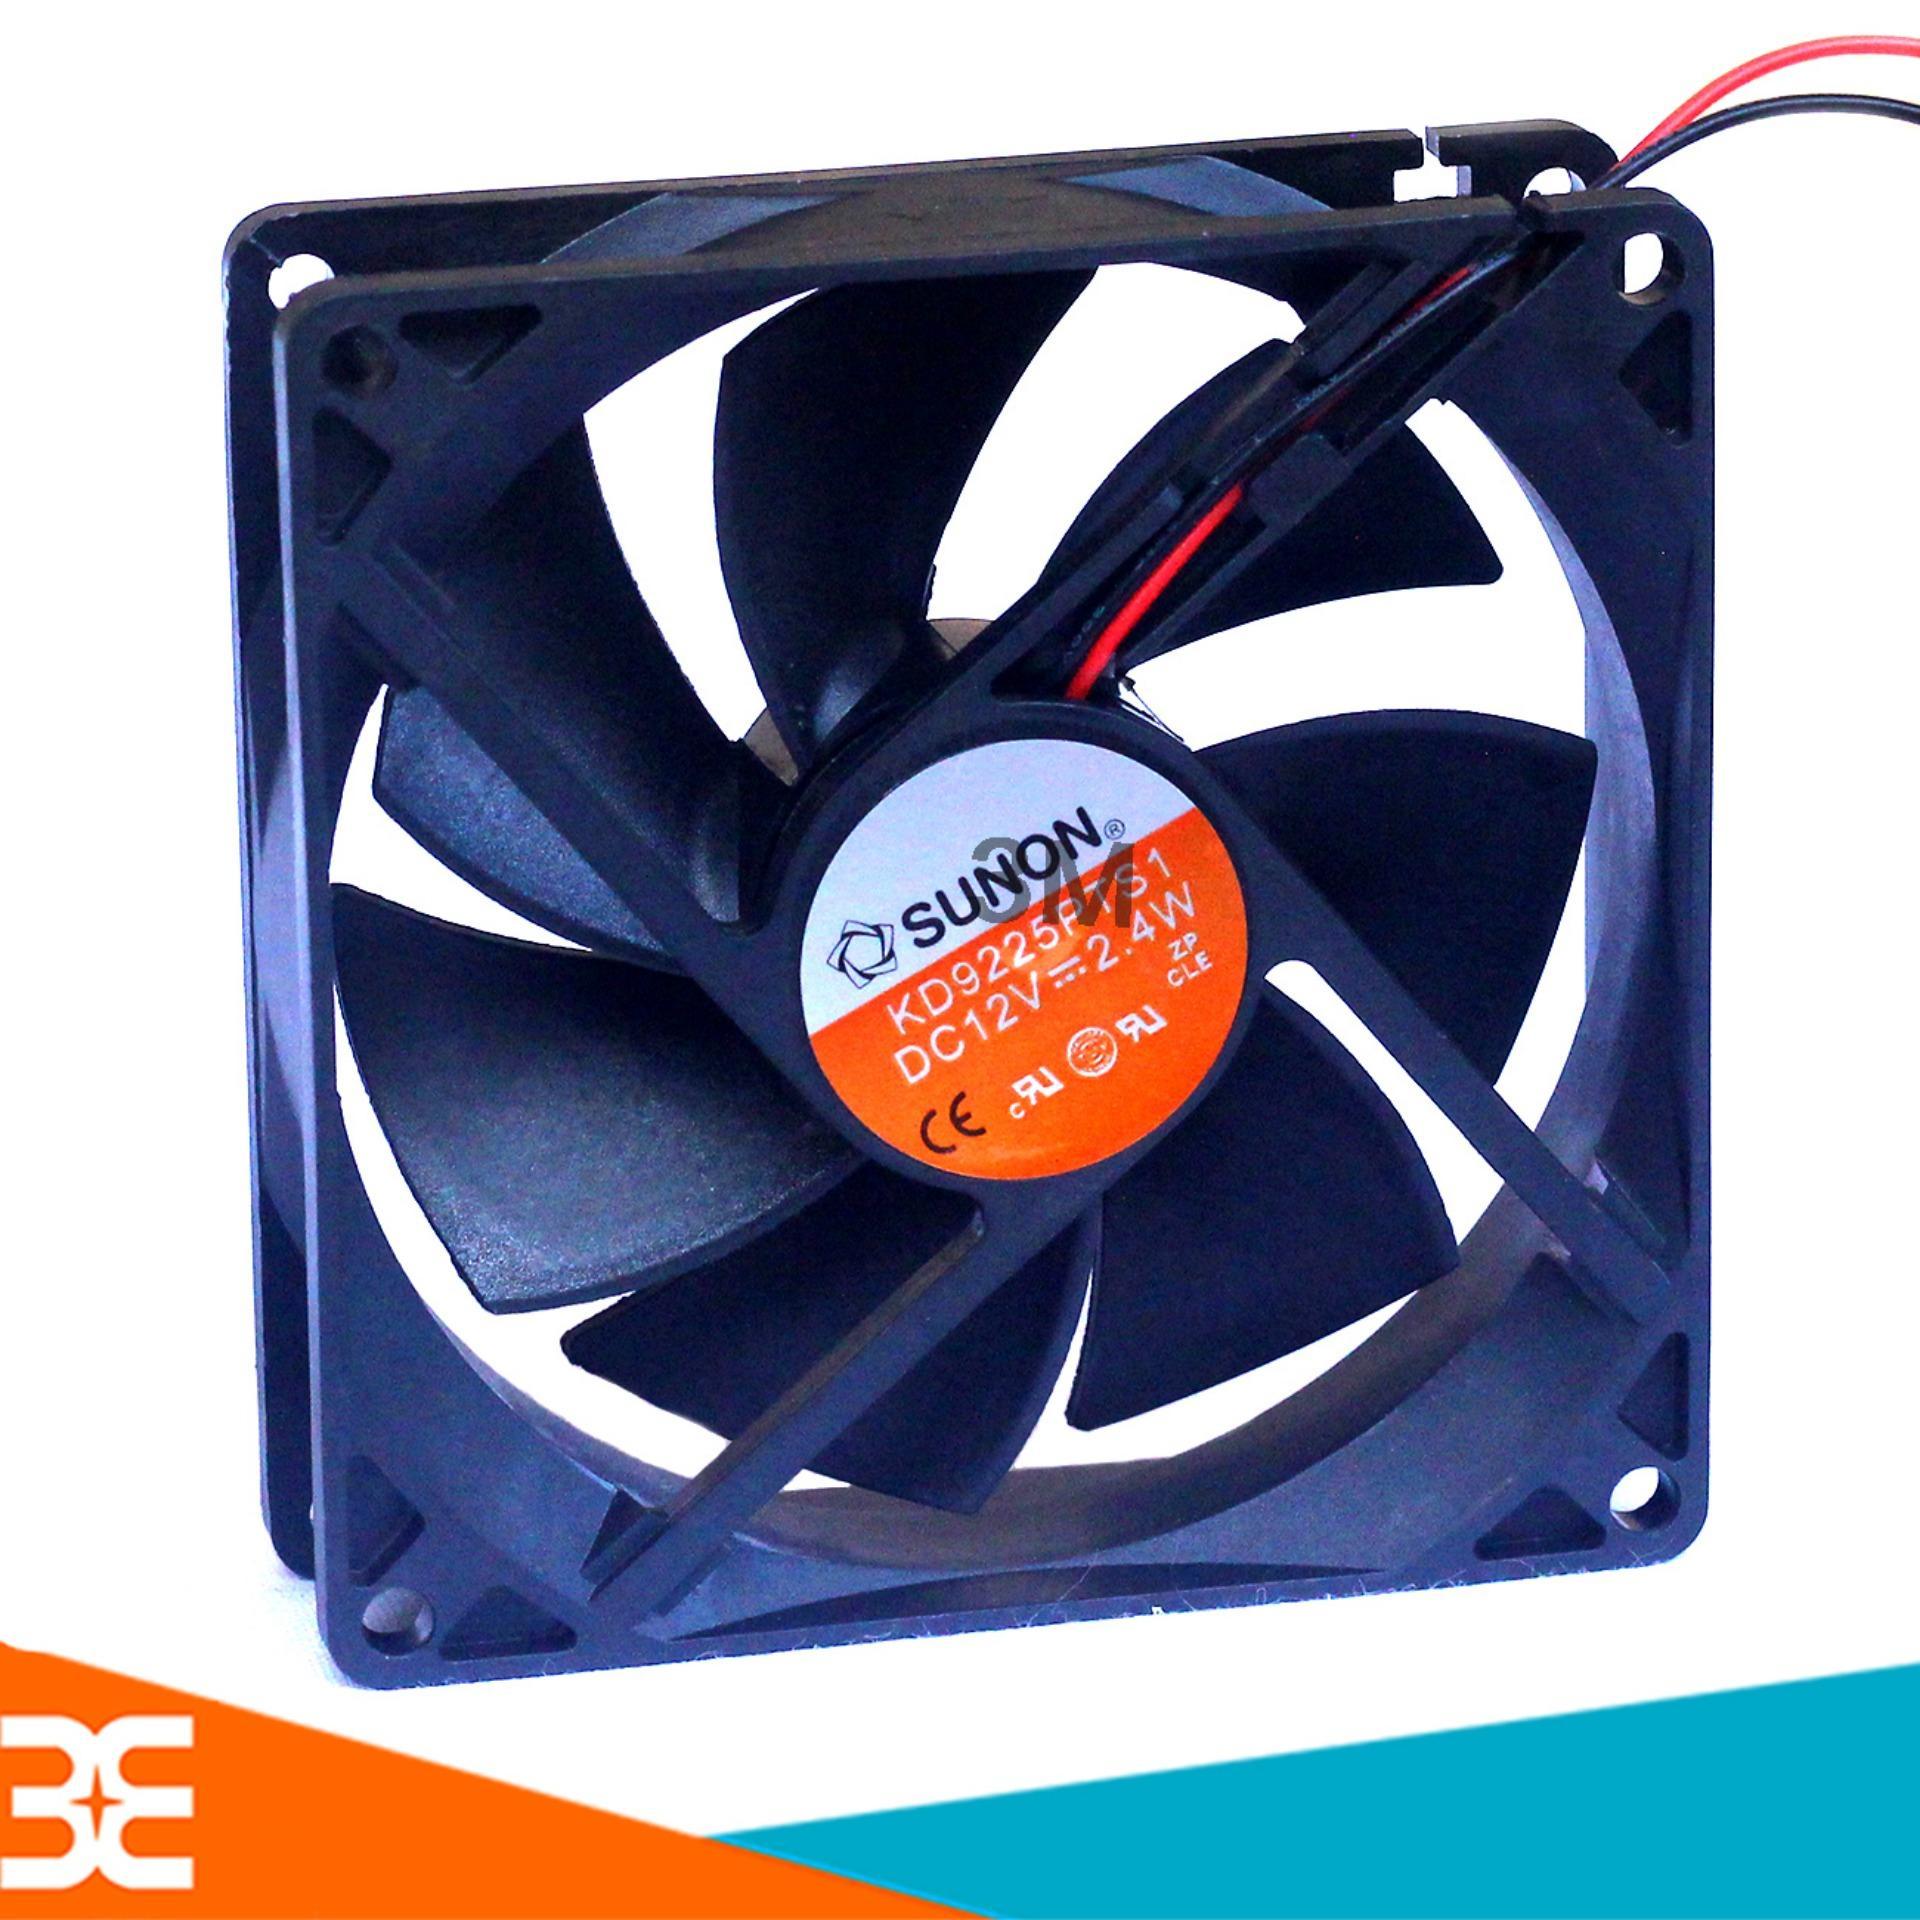 Quạt tản nhiệt đa năng SUNON công suất 12V- 2.6W giá rẻ 9x9x2.5cm